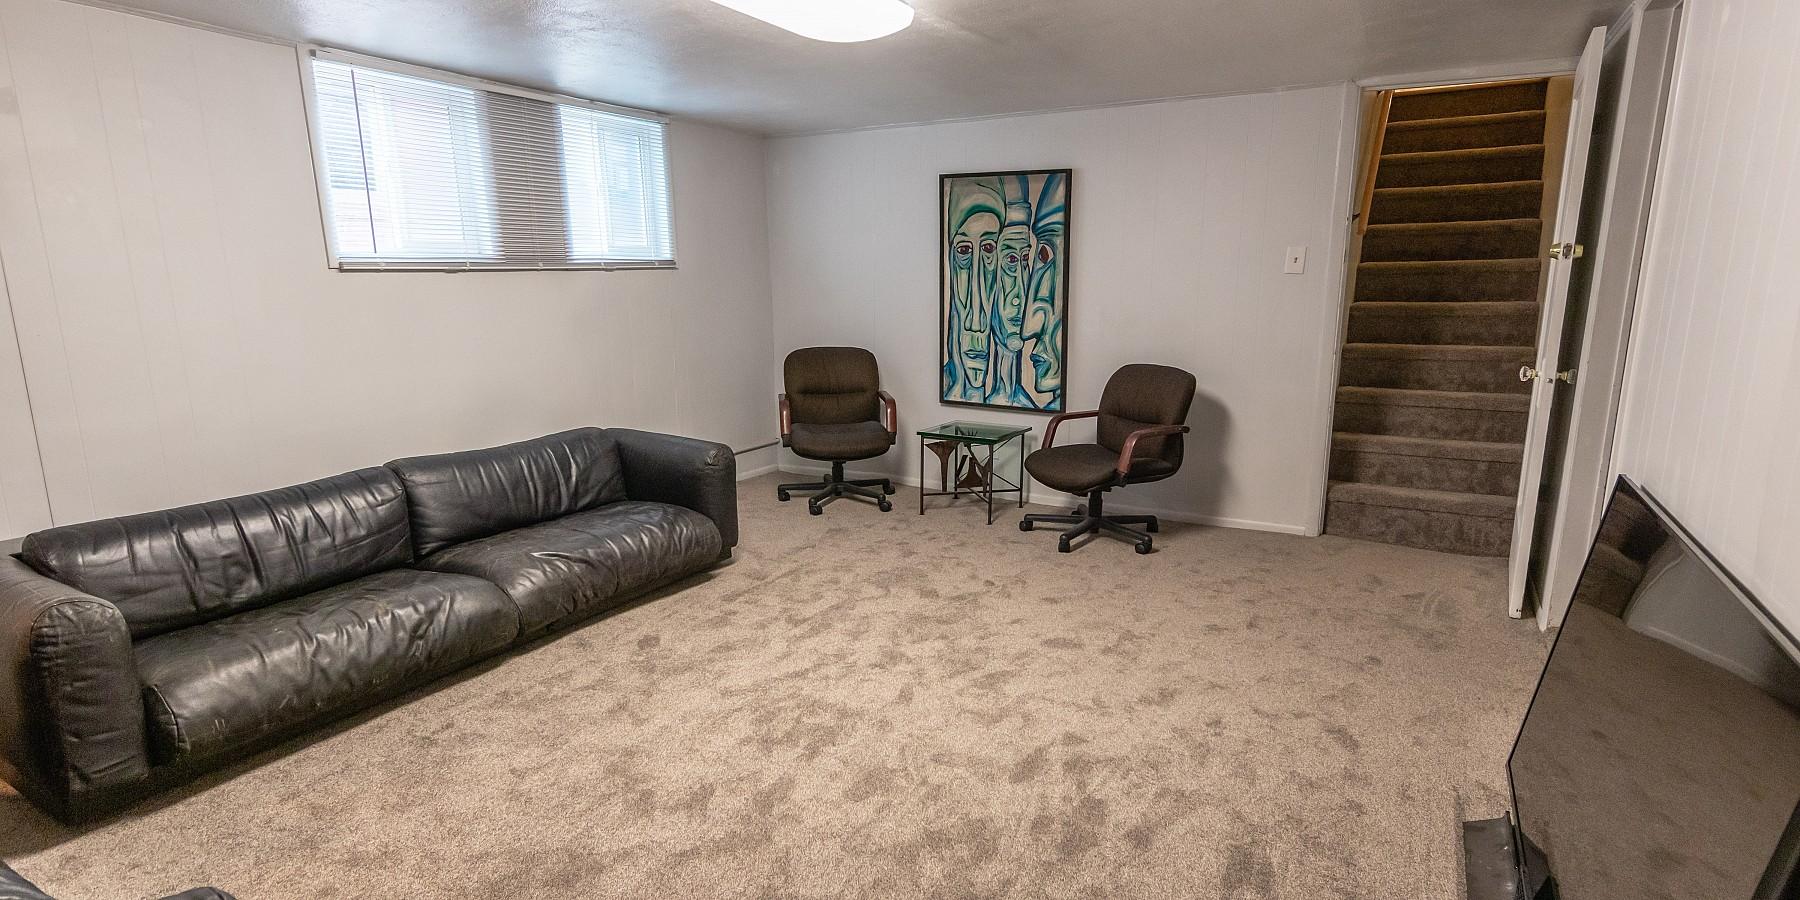 413 N. B Street, Salt Lake City, UT 84103